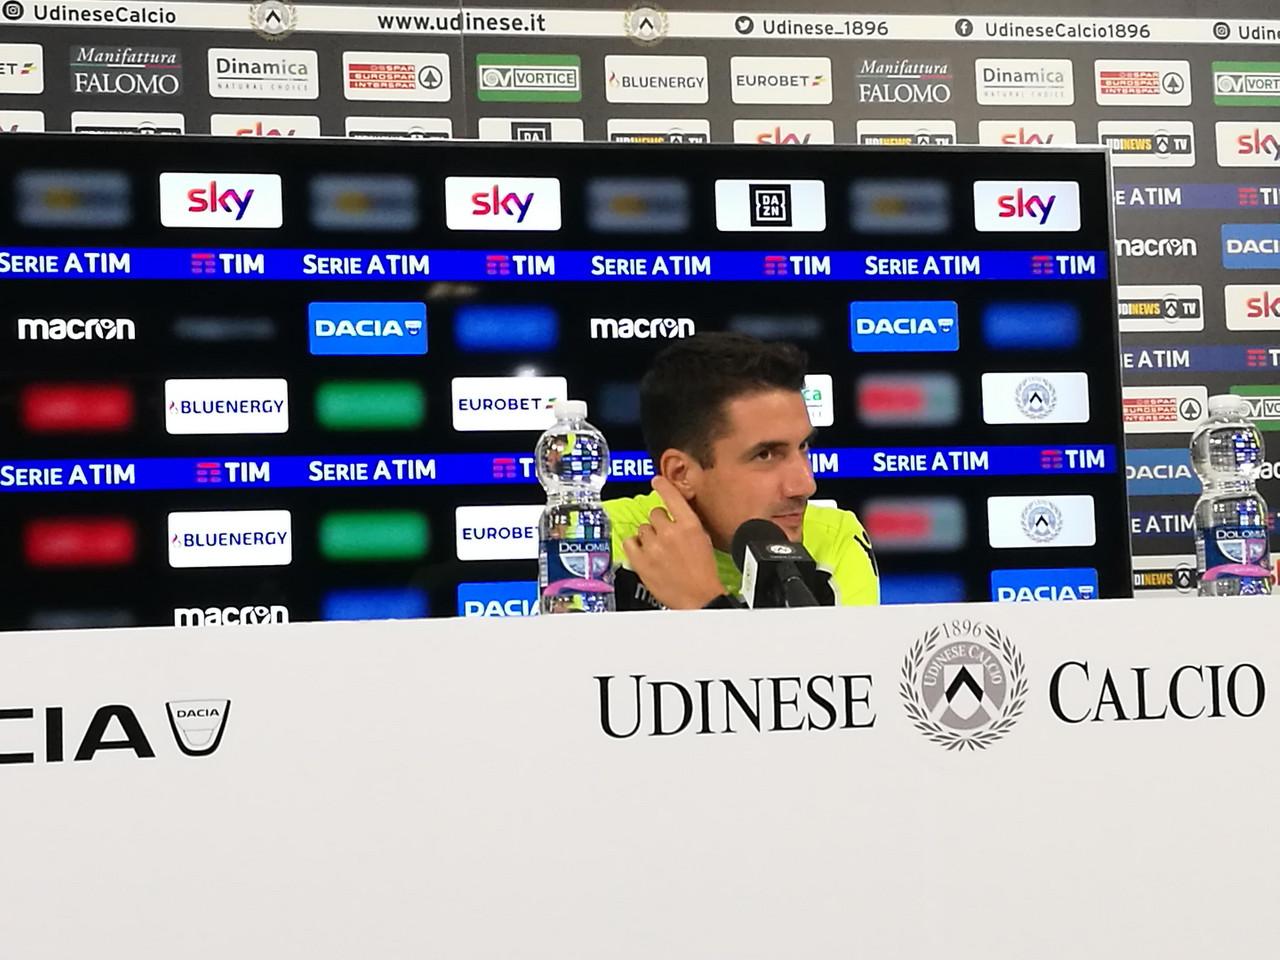 """Udinese - Velazquez: """"A Genova servono punti, come sempre, non mi sento in discussione"""""""